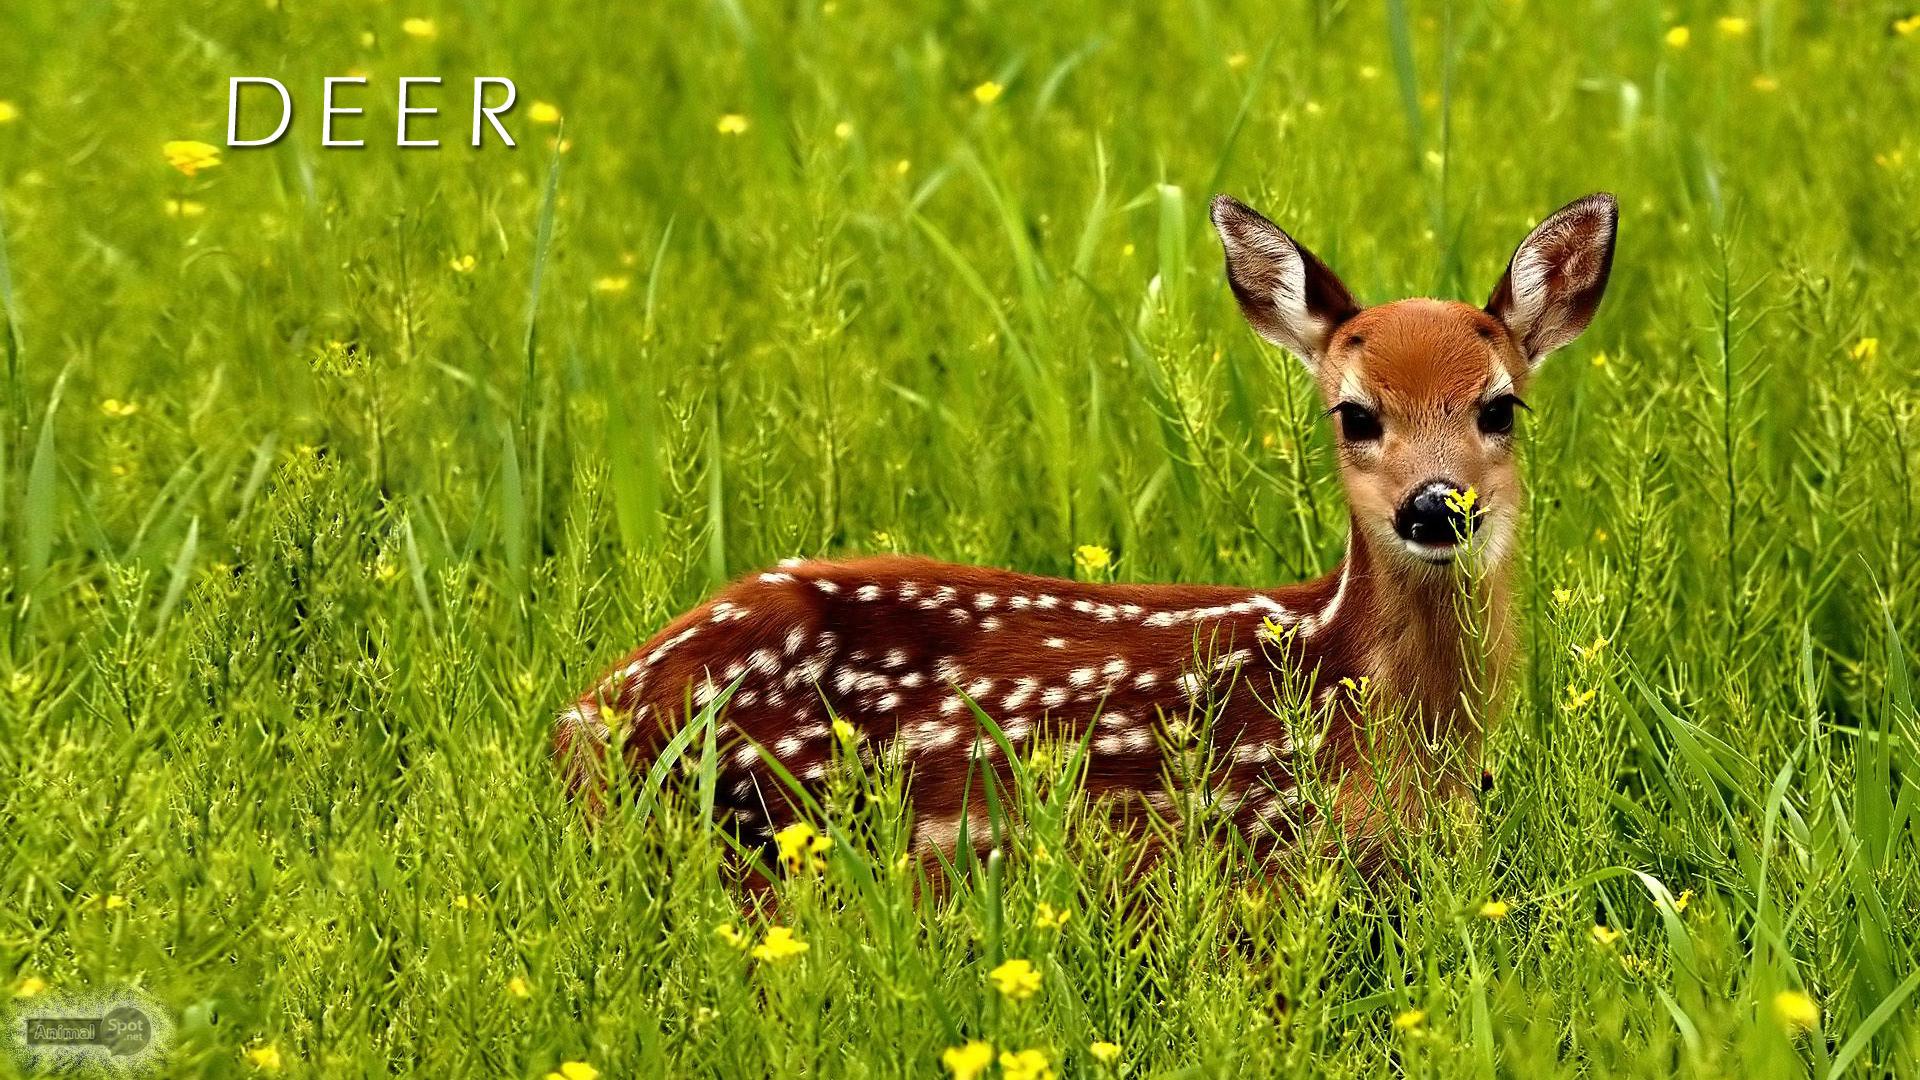 Baby Deer Wallpaper